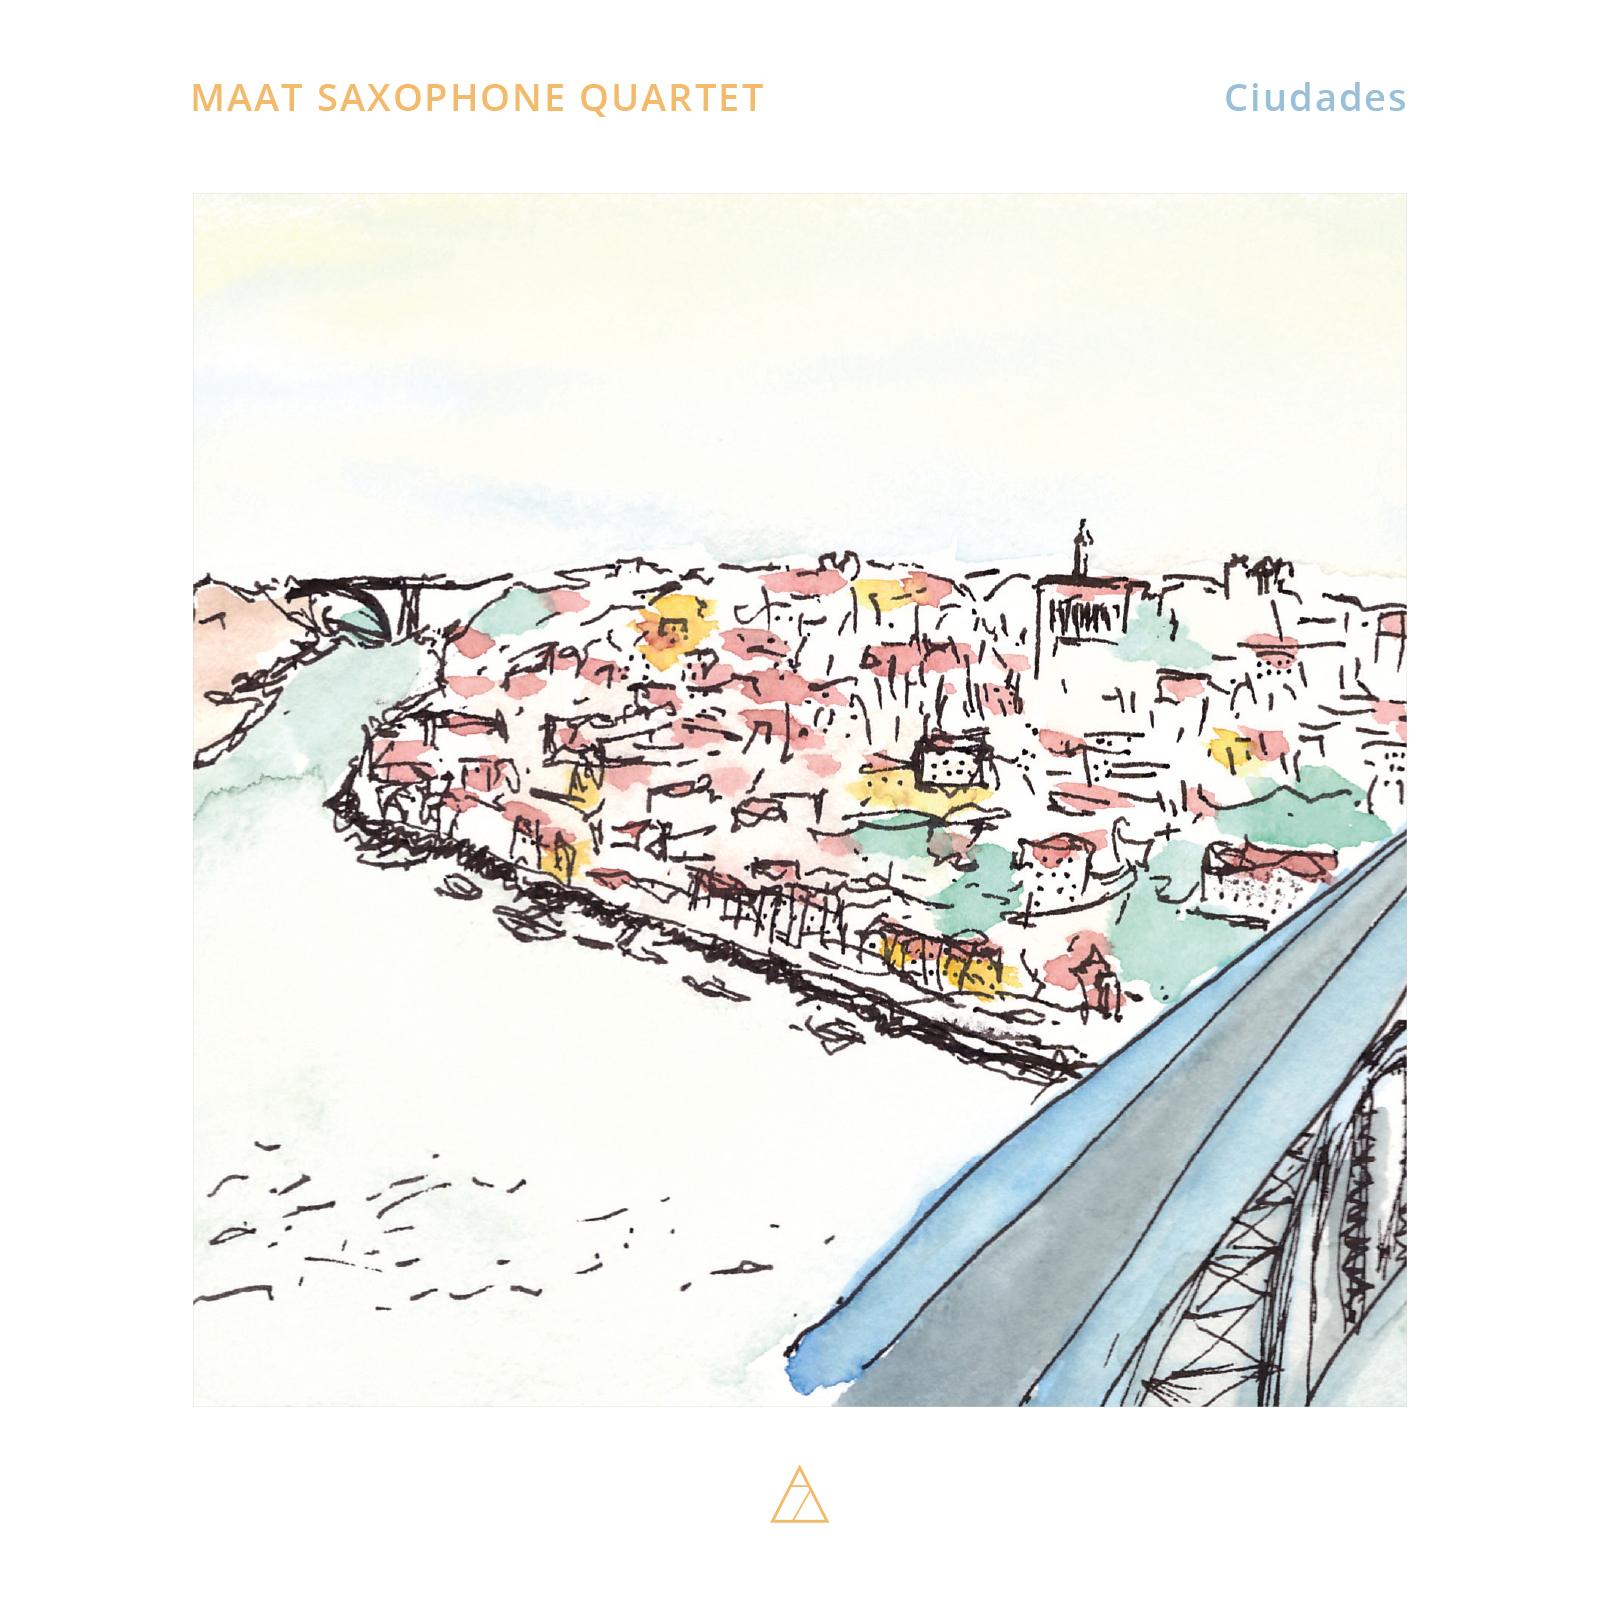 Maat-Sax-Quartet-Ciudades-_-cover-highre